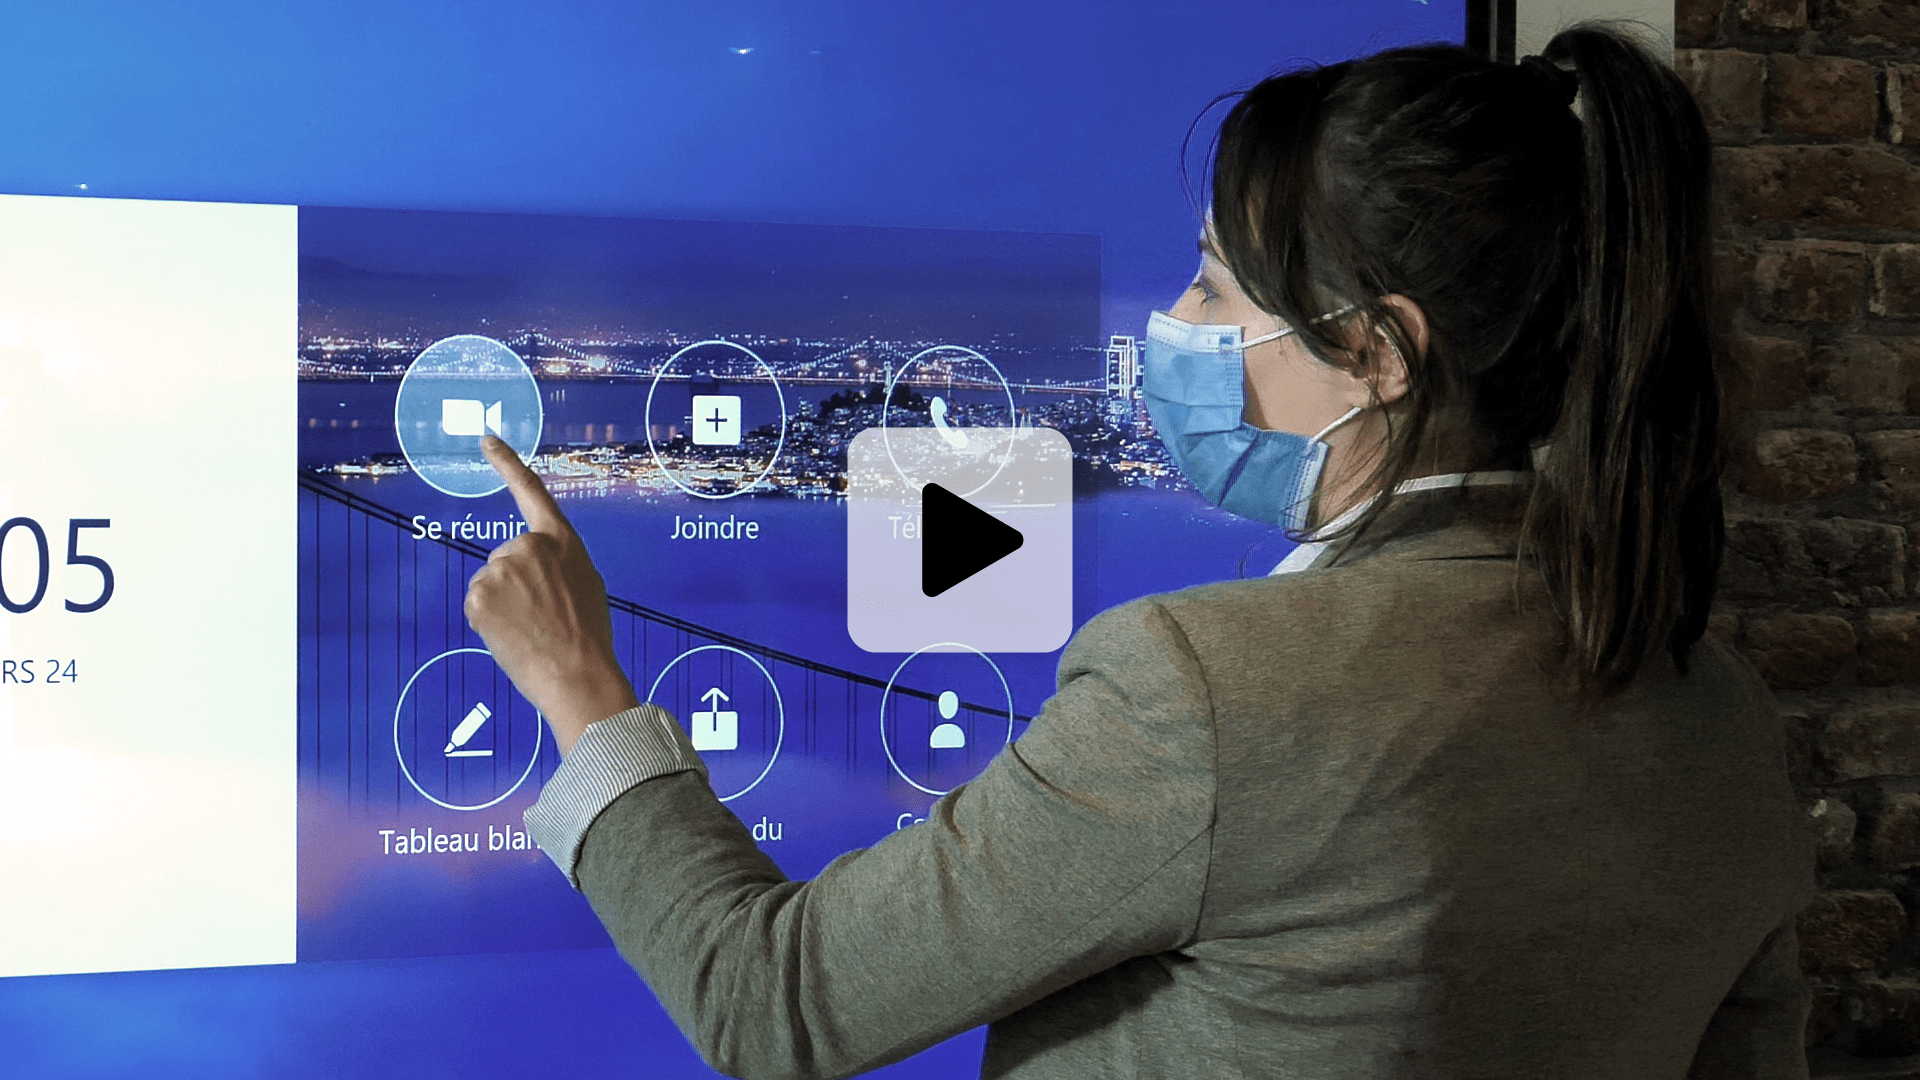 vidéo d'une réunion à distance faite sur Zoom Rooms avec un écran interactif Clevertouch et une caméra Jabra